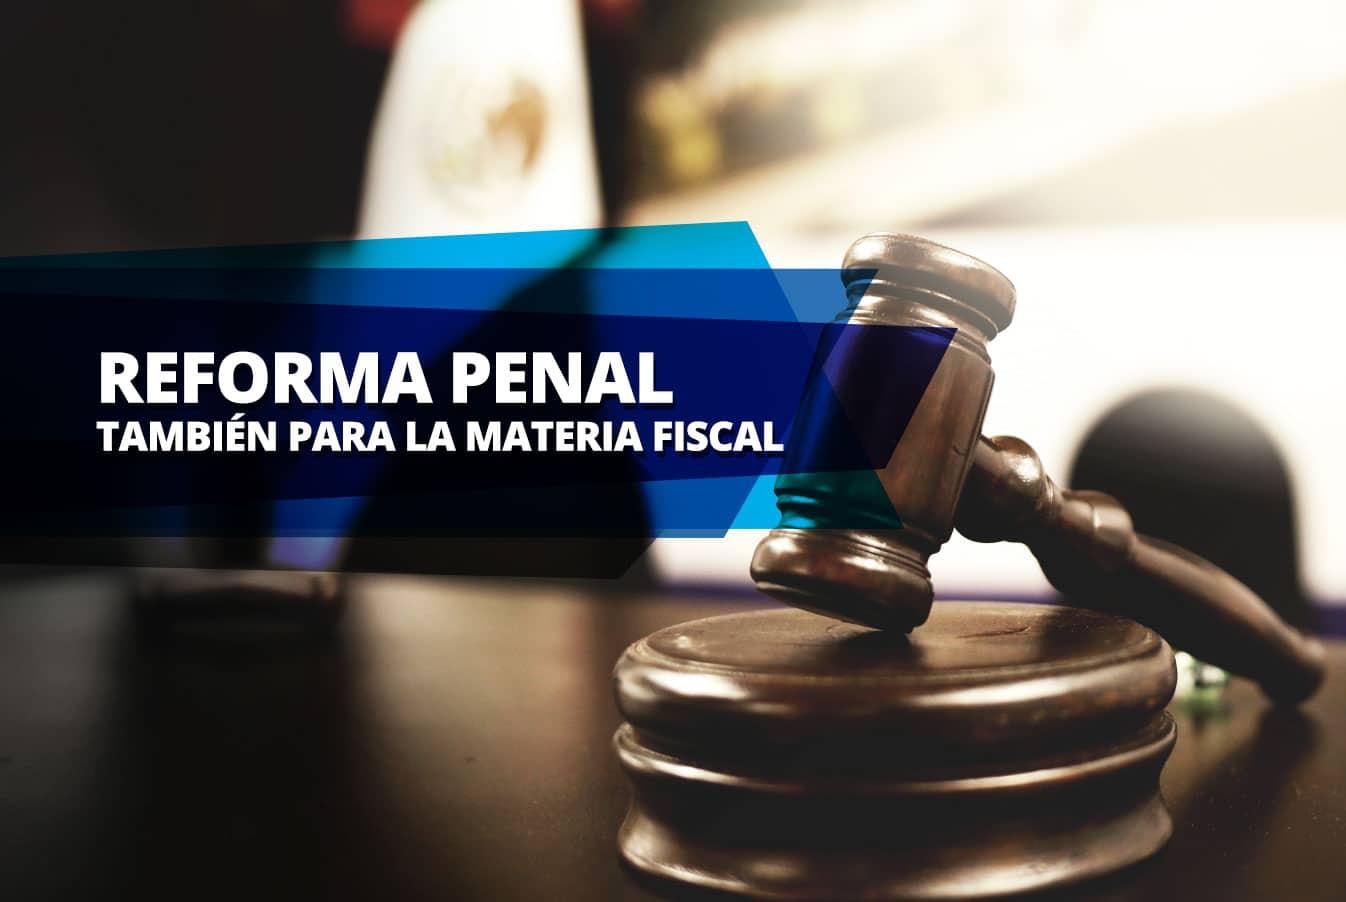 el sistema de Justicia Acusatorio de Justicia Penal, y entre ellas el Código Fiscal